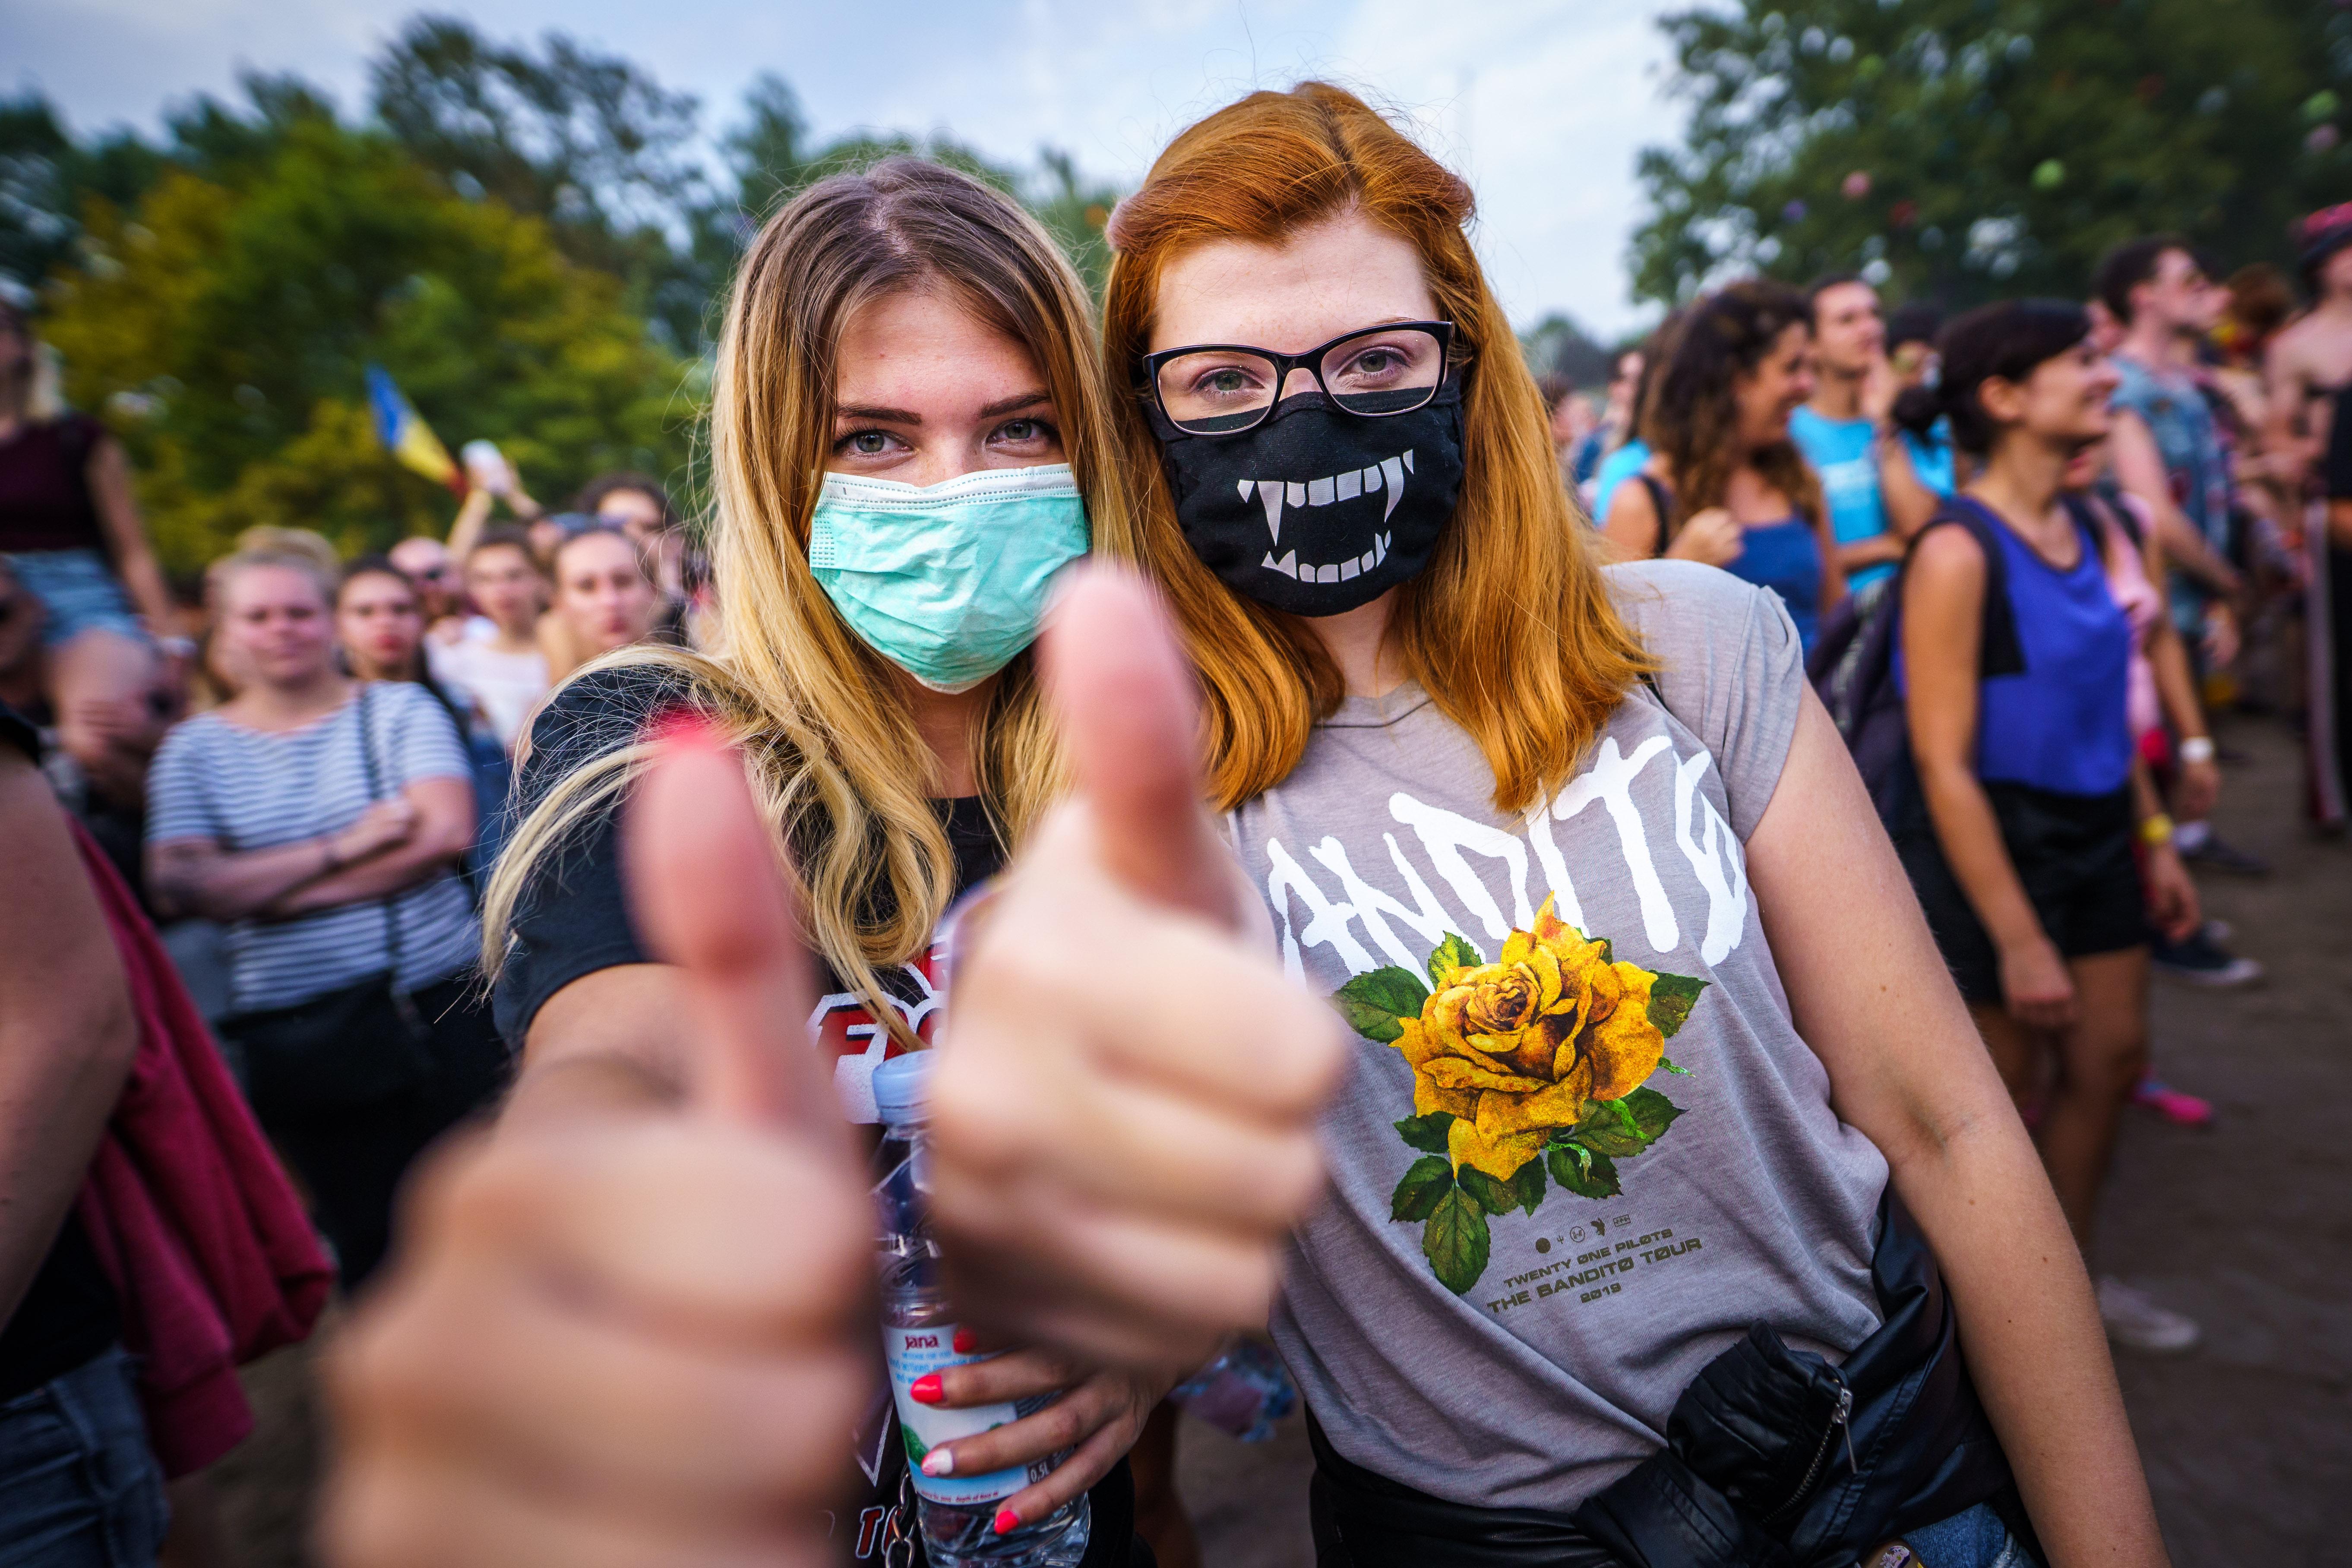 Een foto van twee festivalgangers met een mondkapje op